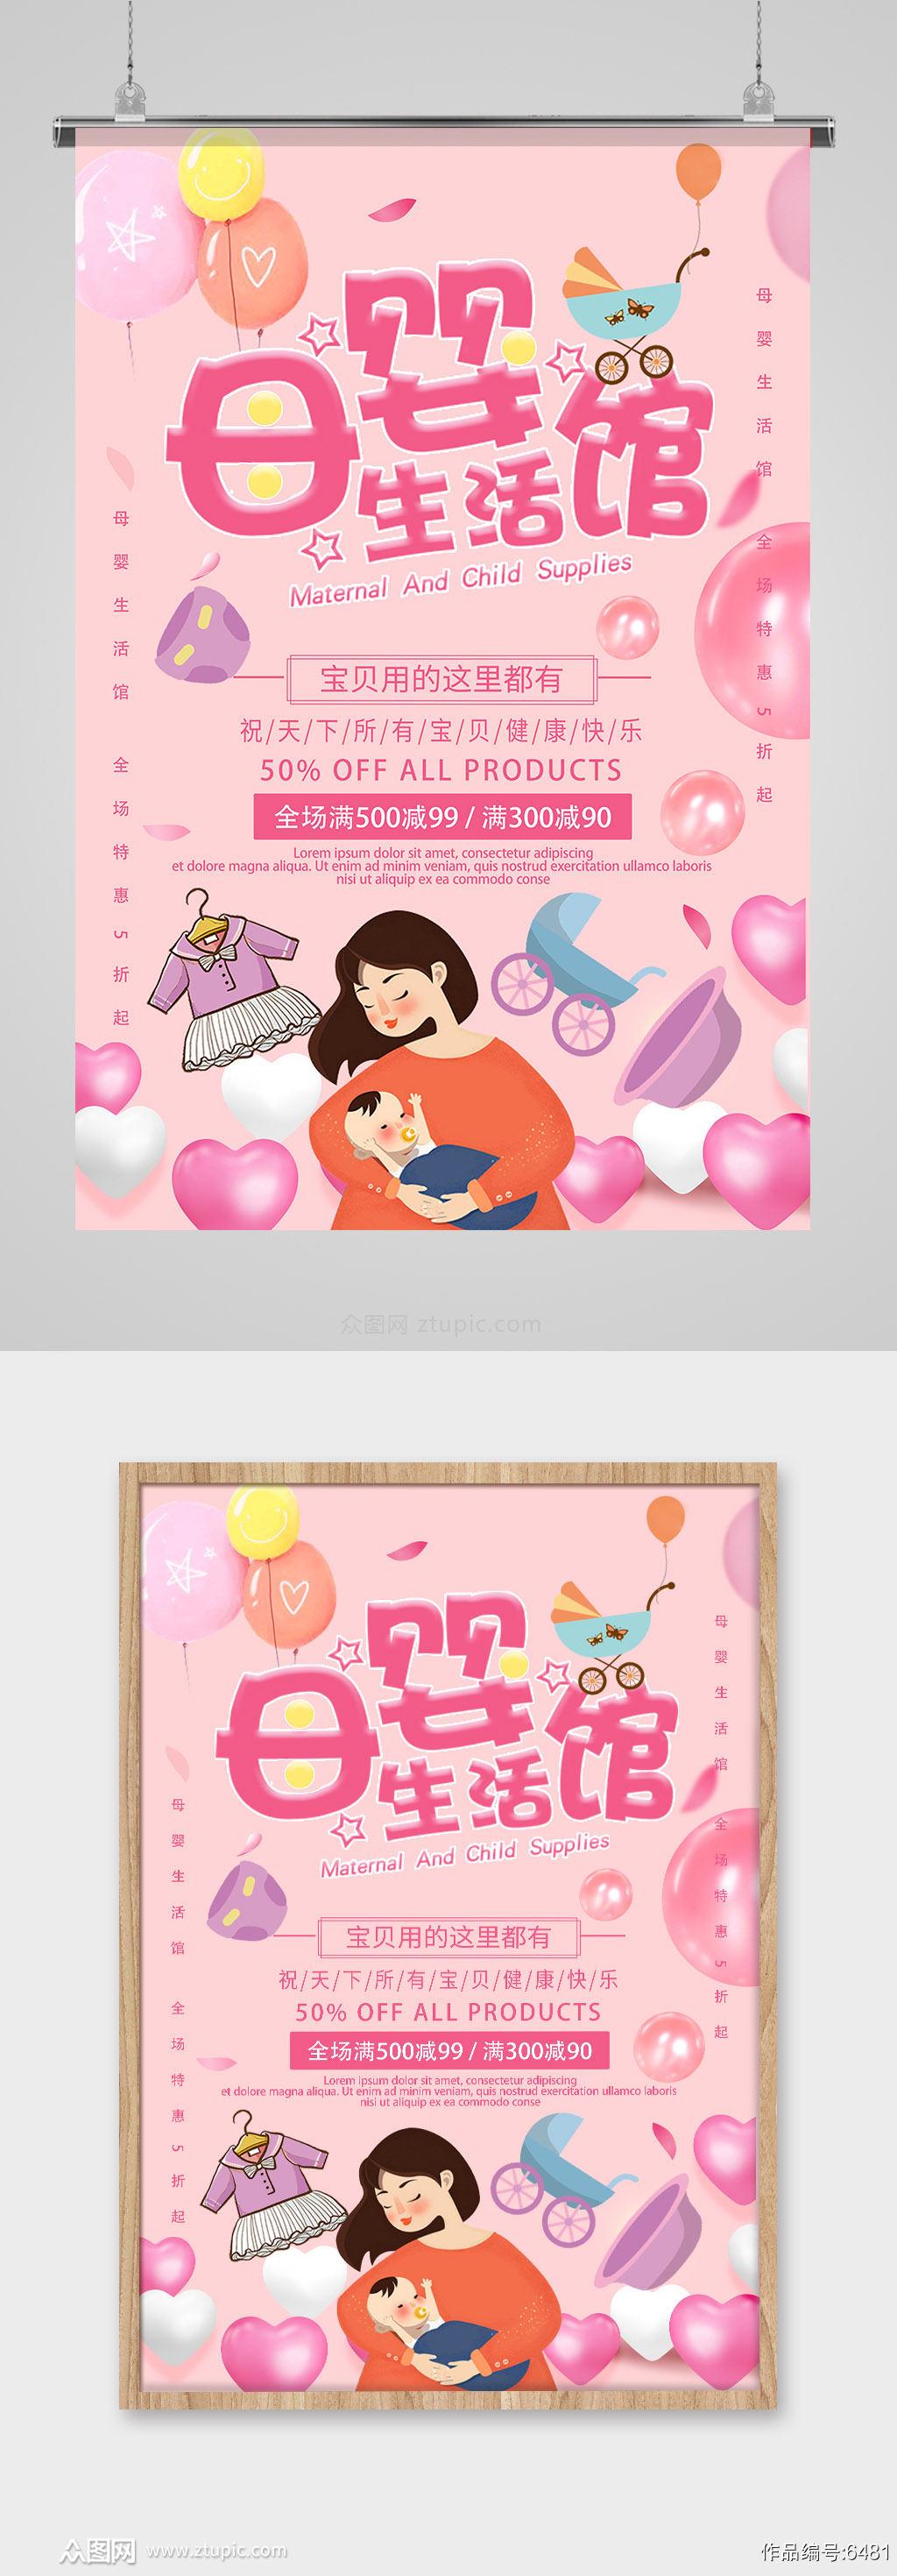 简约扁平粉色母婴用品海报素材